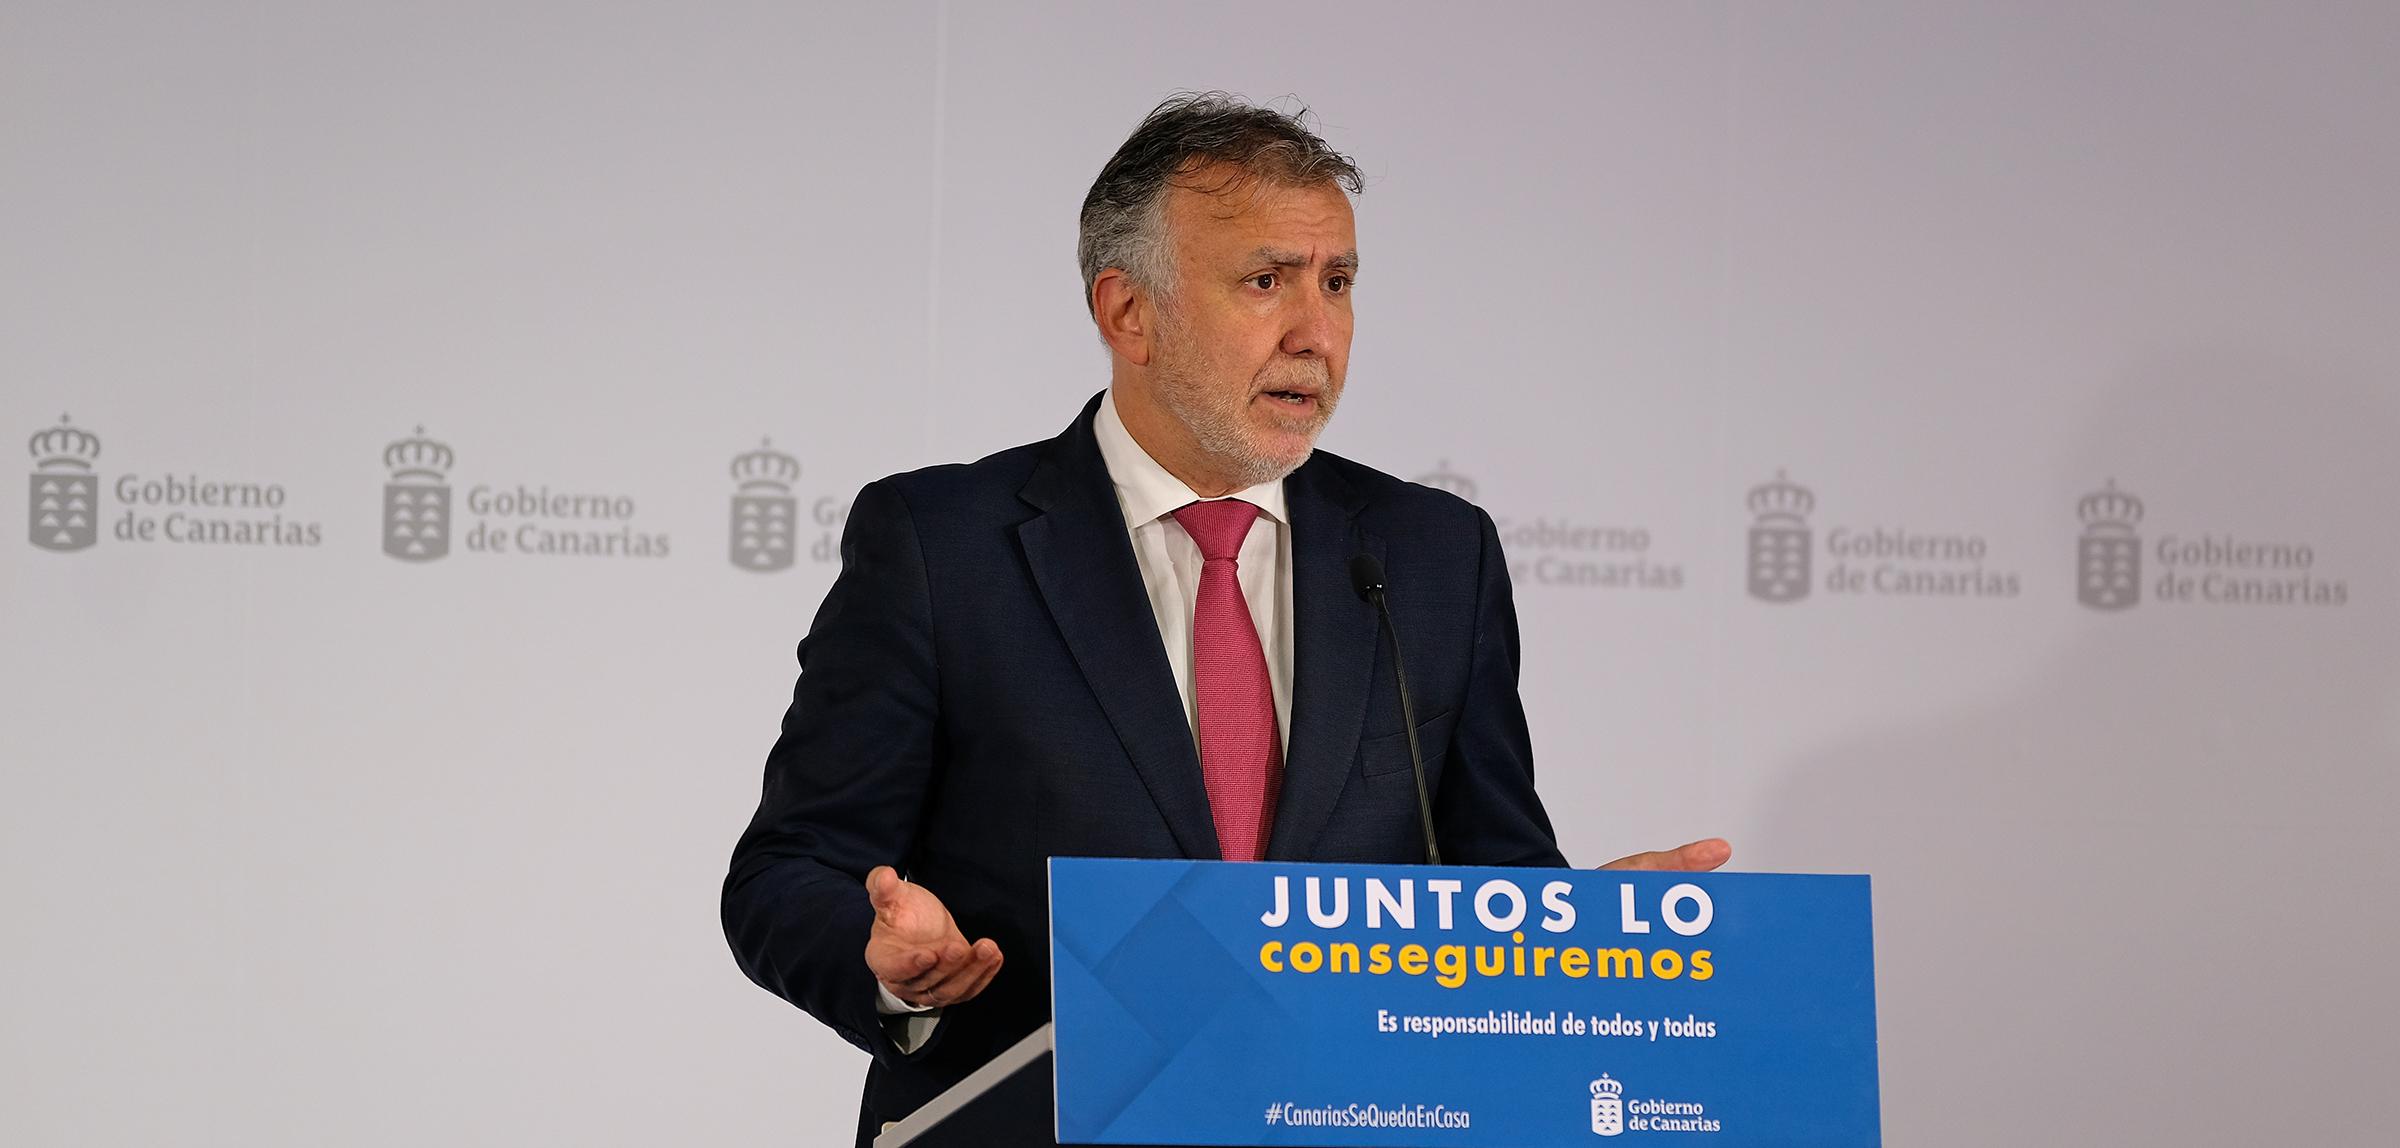 Comparecencia del presidente de Canarias